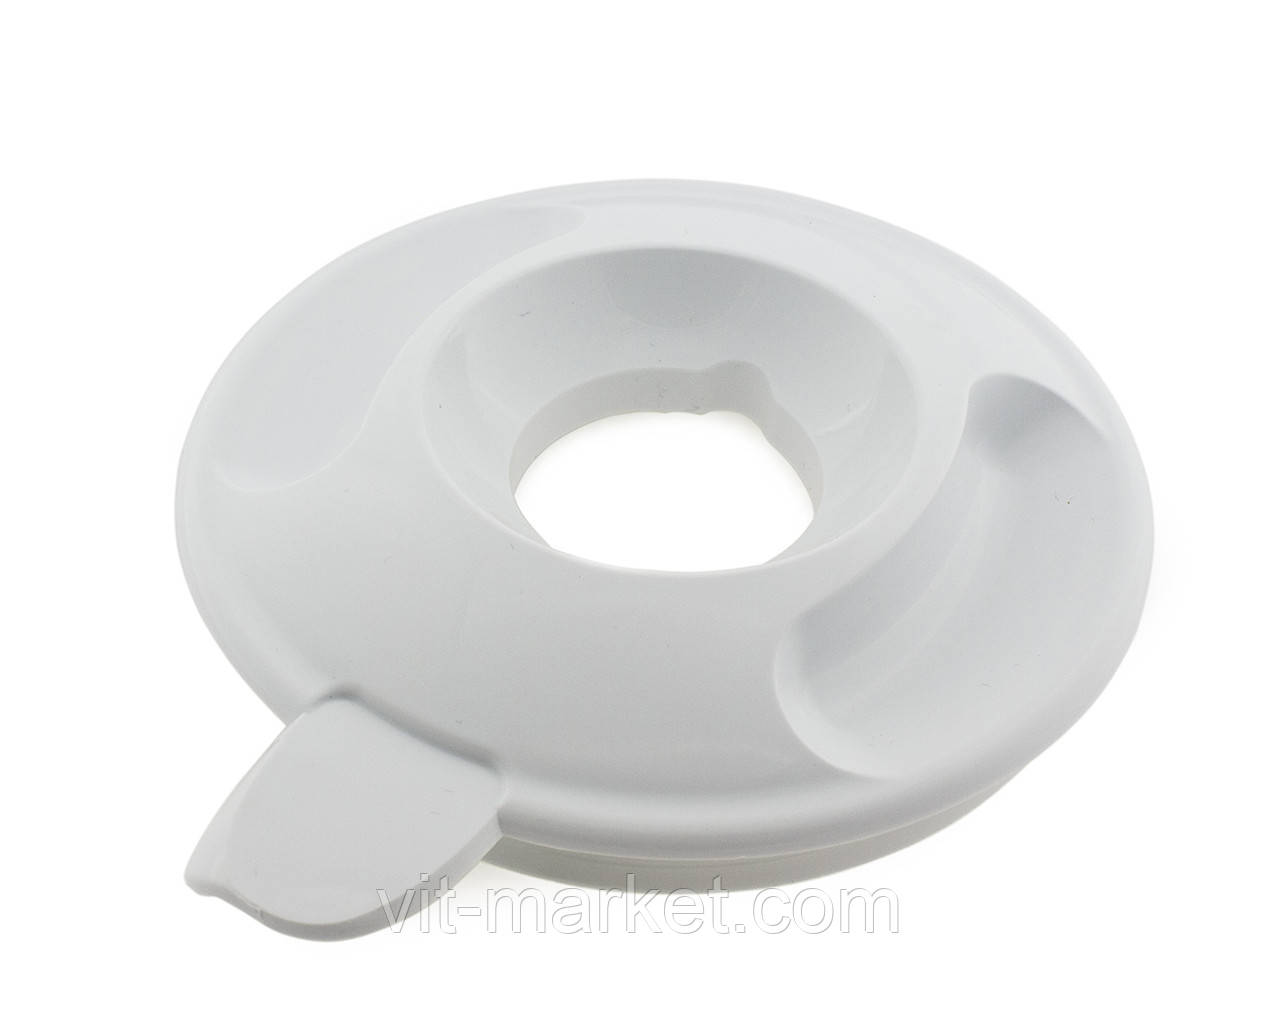 Оригинал. Крышки блендерной чаши для кухонного комбайна Moulinex код MS-5909836